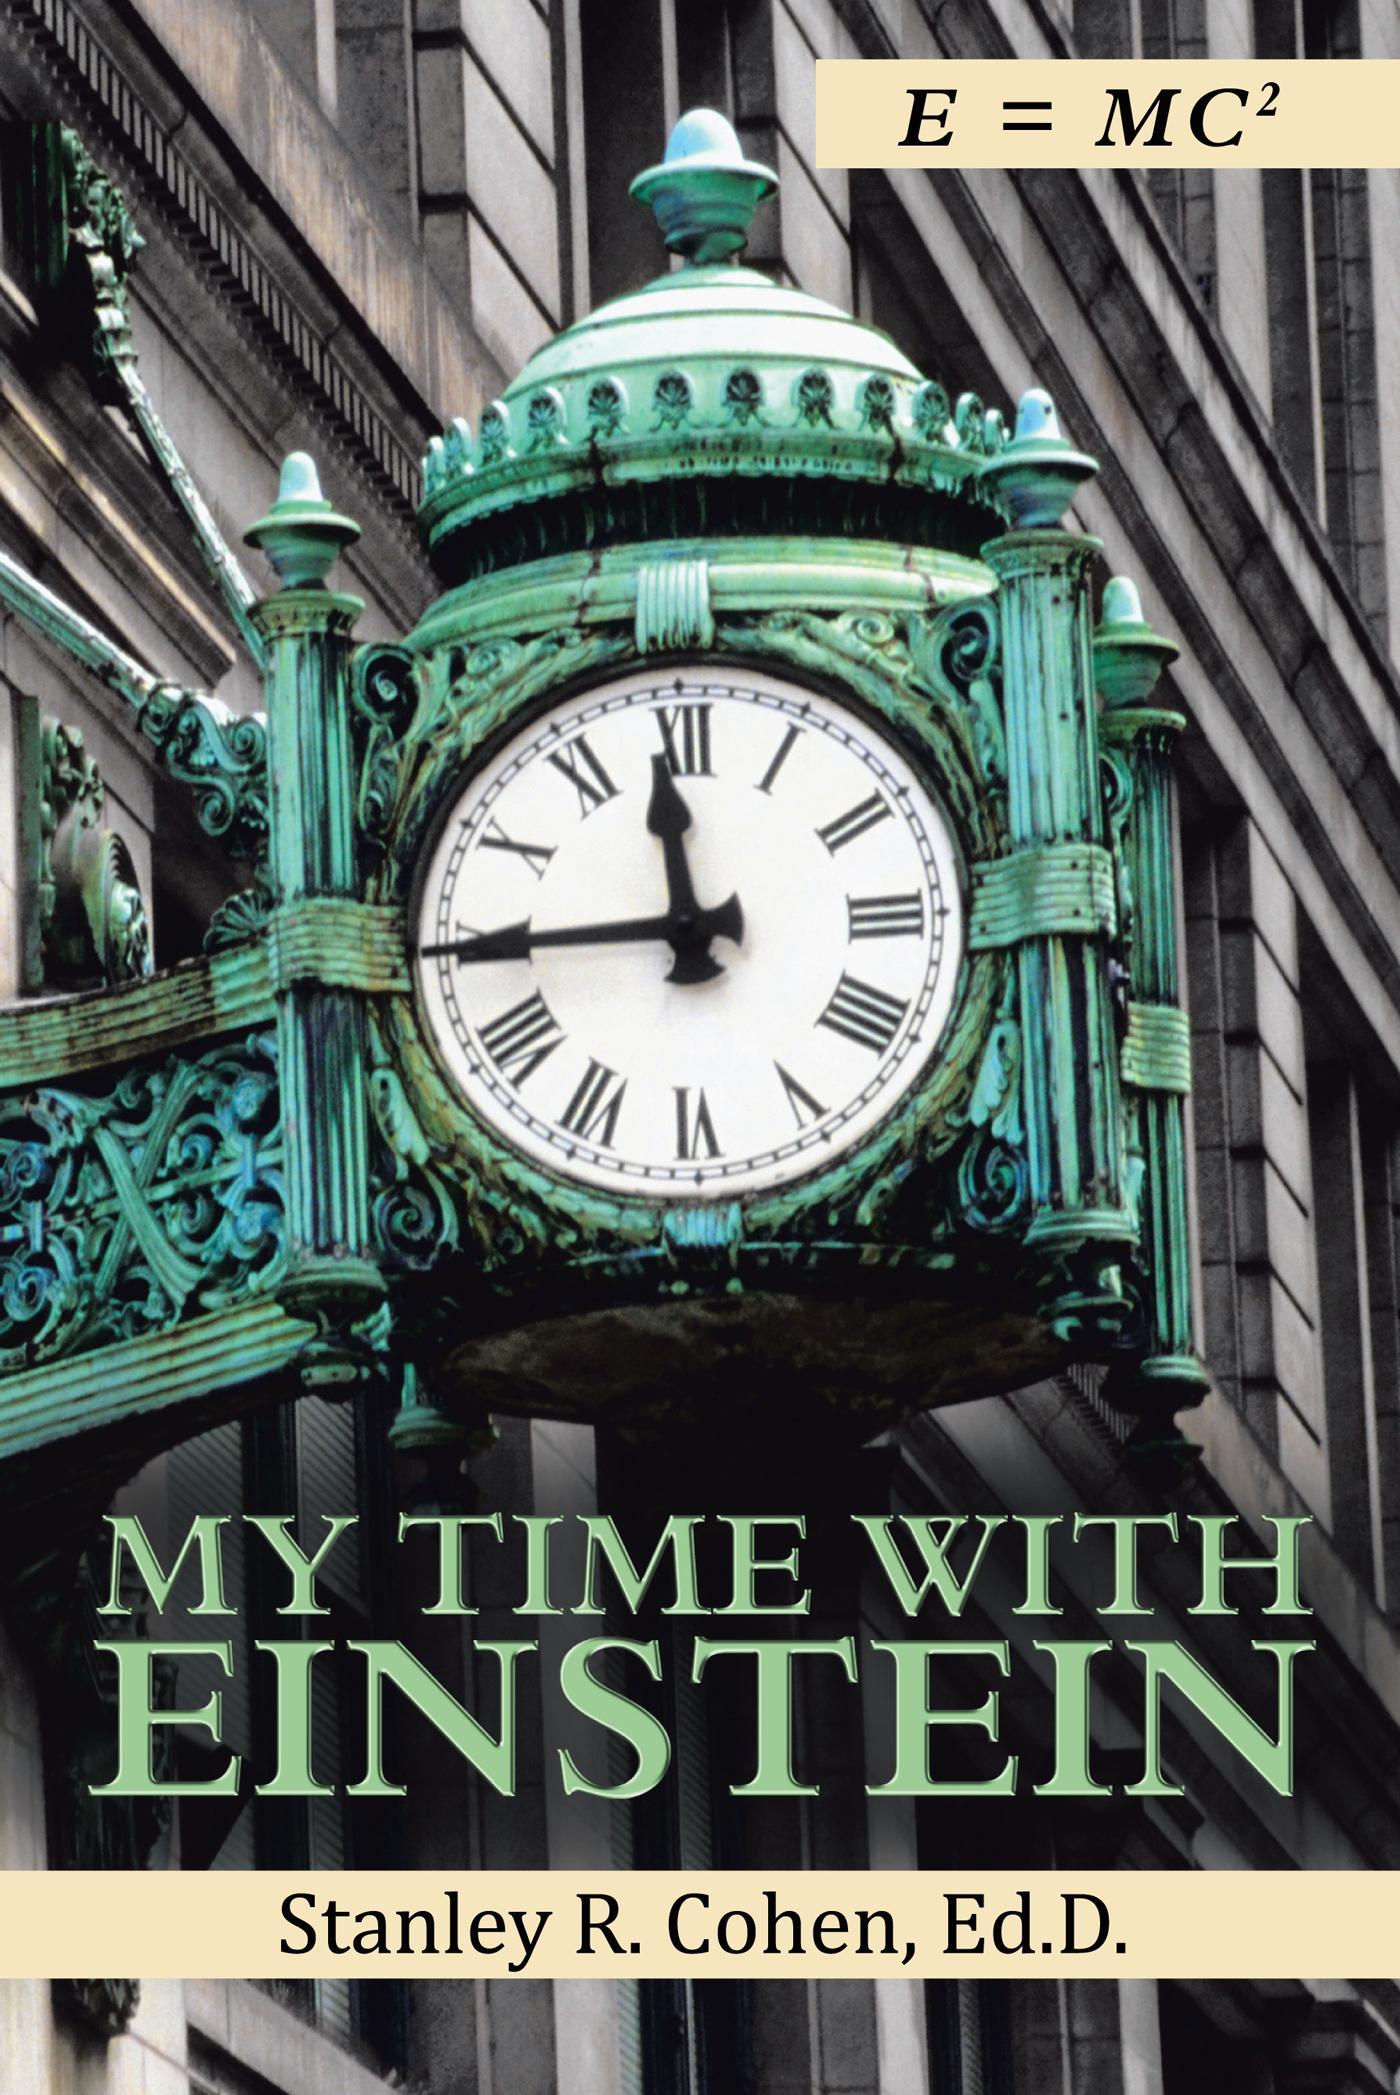 My Time with Einstein